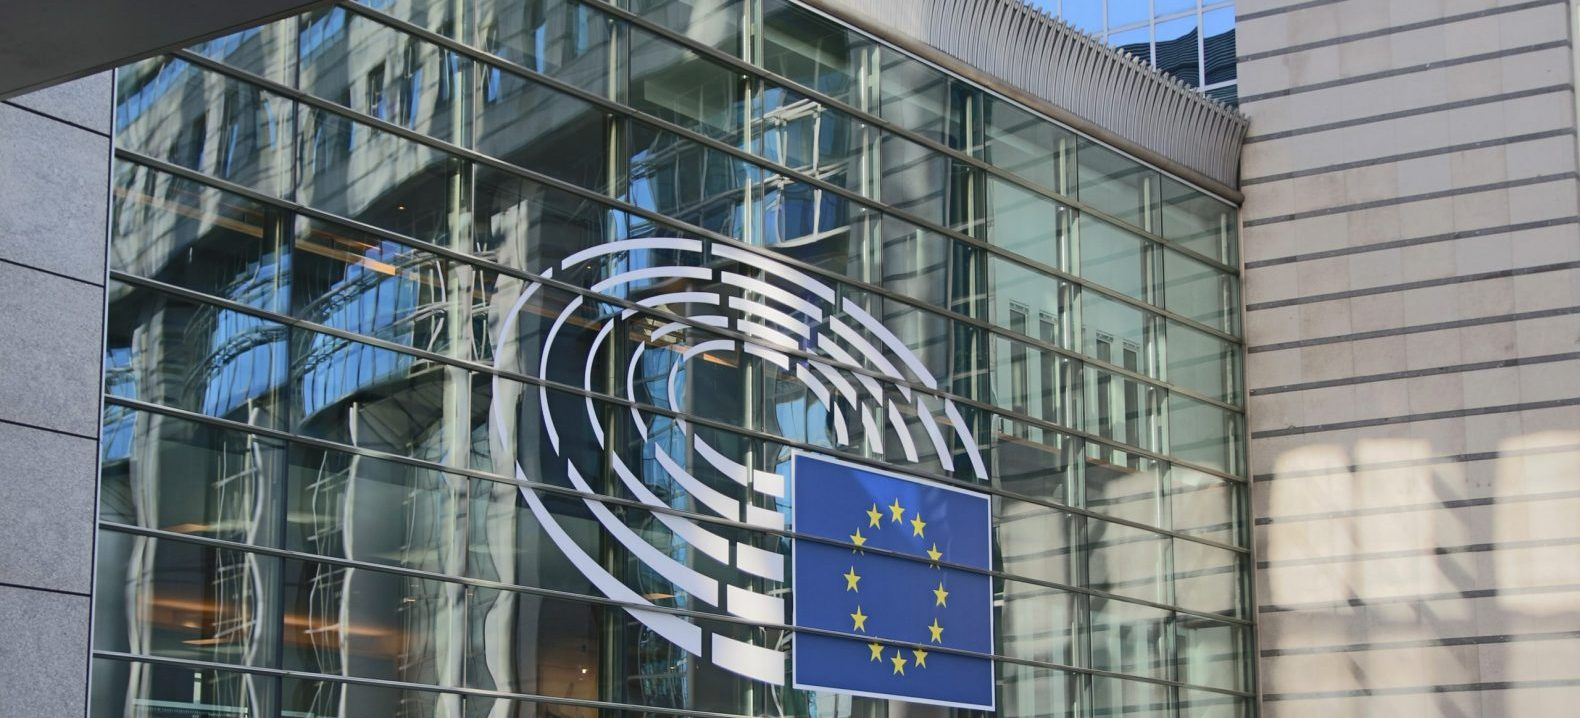 EU-Parlament beschließt Fonds für gerechten Übergang zu nachhaltiger Wirtschaft  – Weiterbildung inklusive